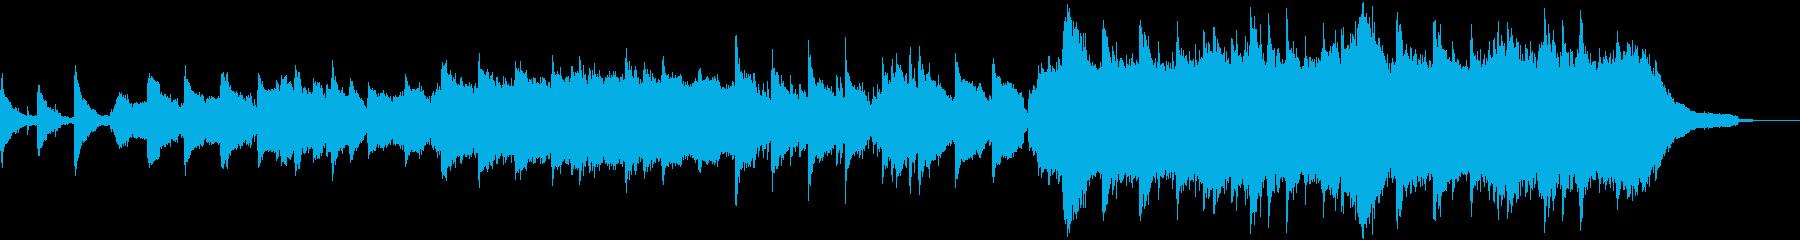 冬の切ないバラード/ピアノとバイオリンの再生済みの波形